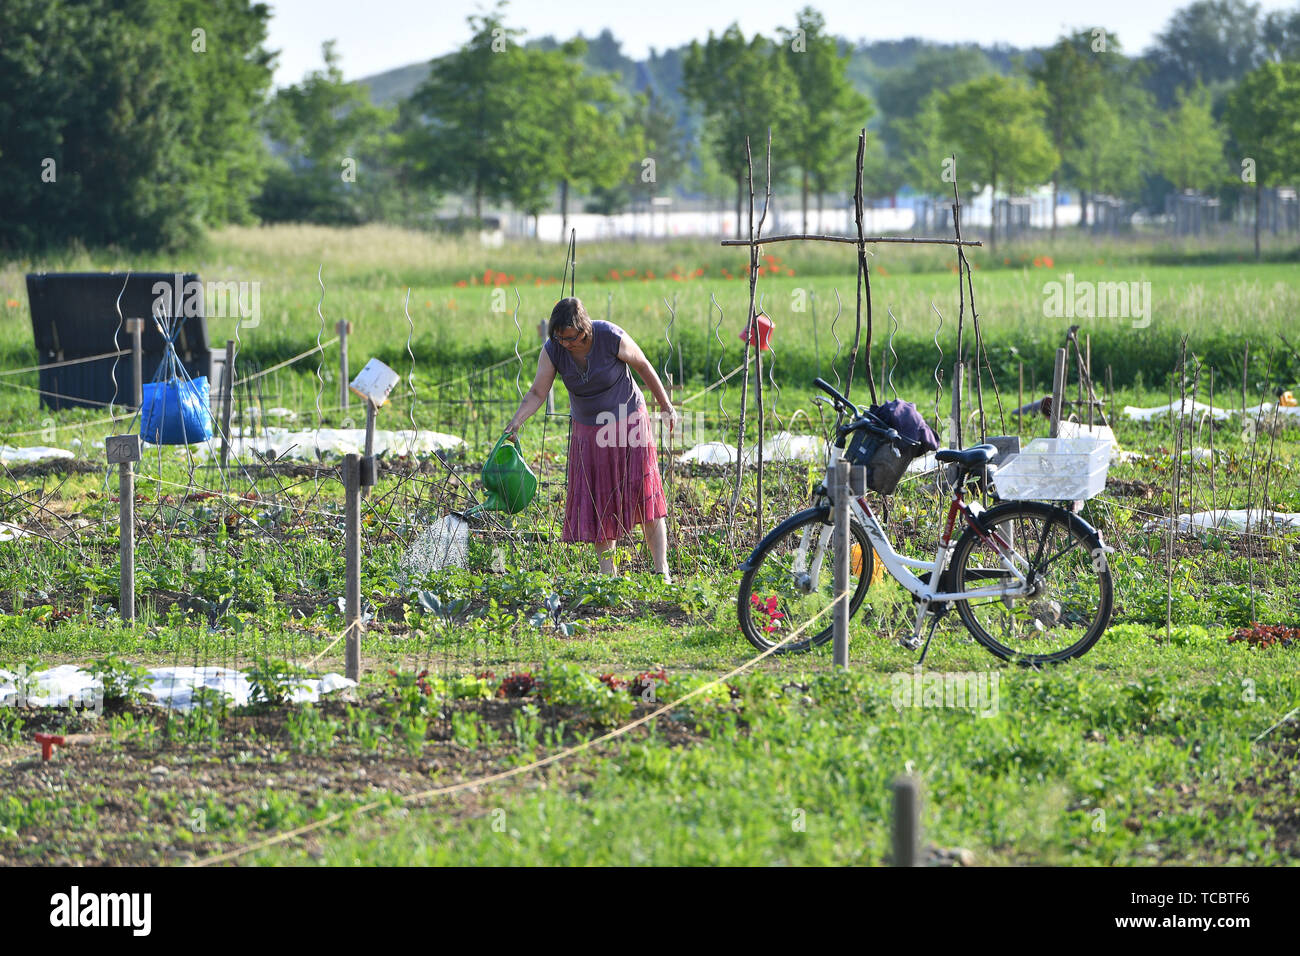 Gronsdorf, Deutschland. 05th June, 2019. Women work in their Schrebergaerten. Hobbygaertner.Kleingarten. | usage worldwide Credit: dpa/Alamy Live News Stock Photo